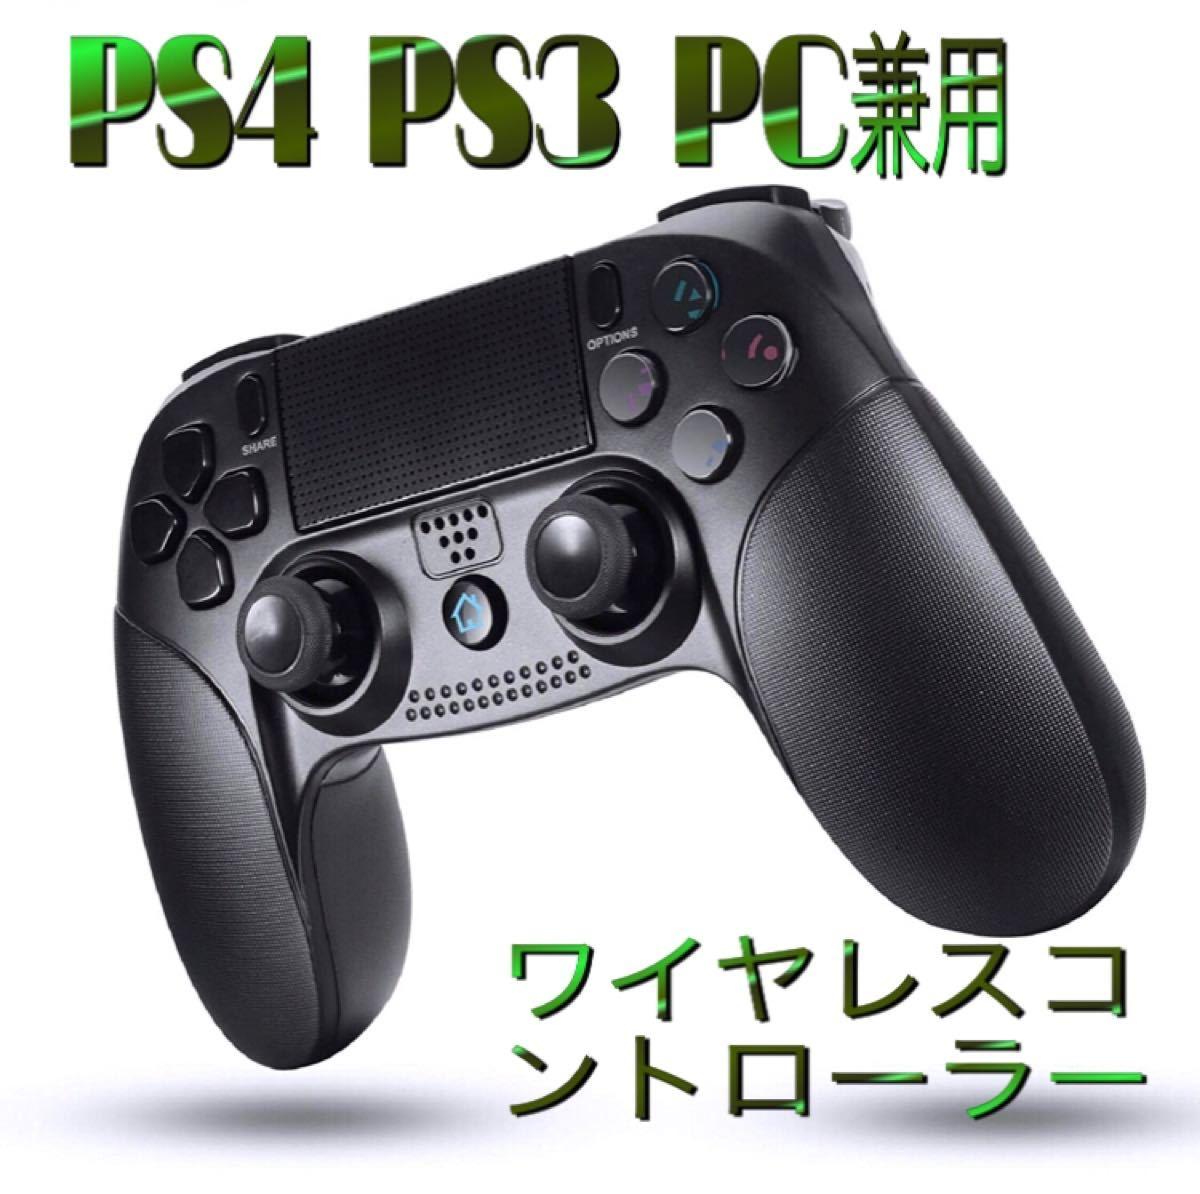 PS4&PS3&PC 兼用 ワイヤレスコントローラー 無線コントローラー 重力感応 6軸機能 Bluetooth接続 HD振動